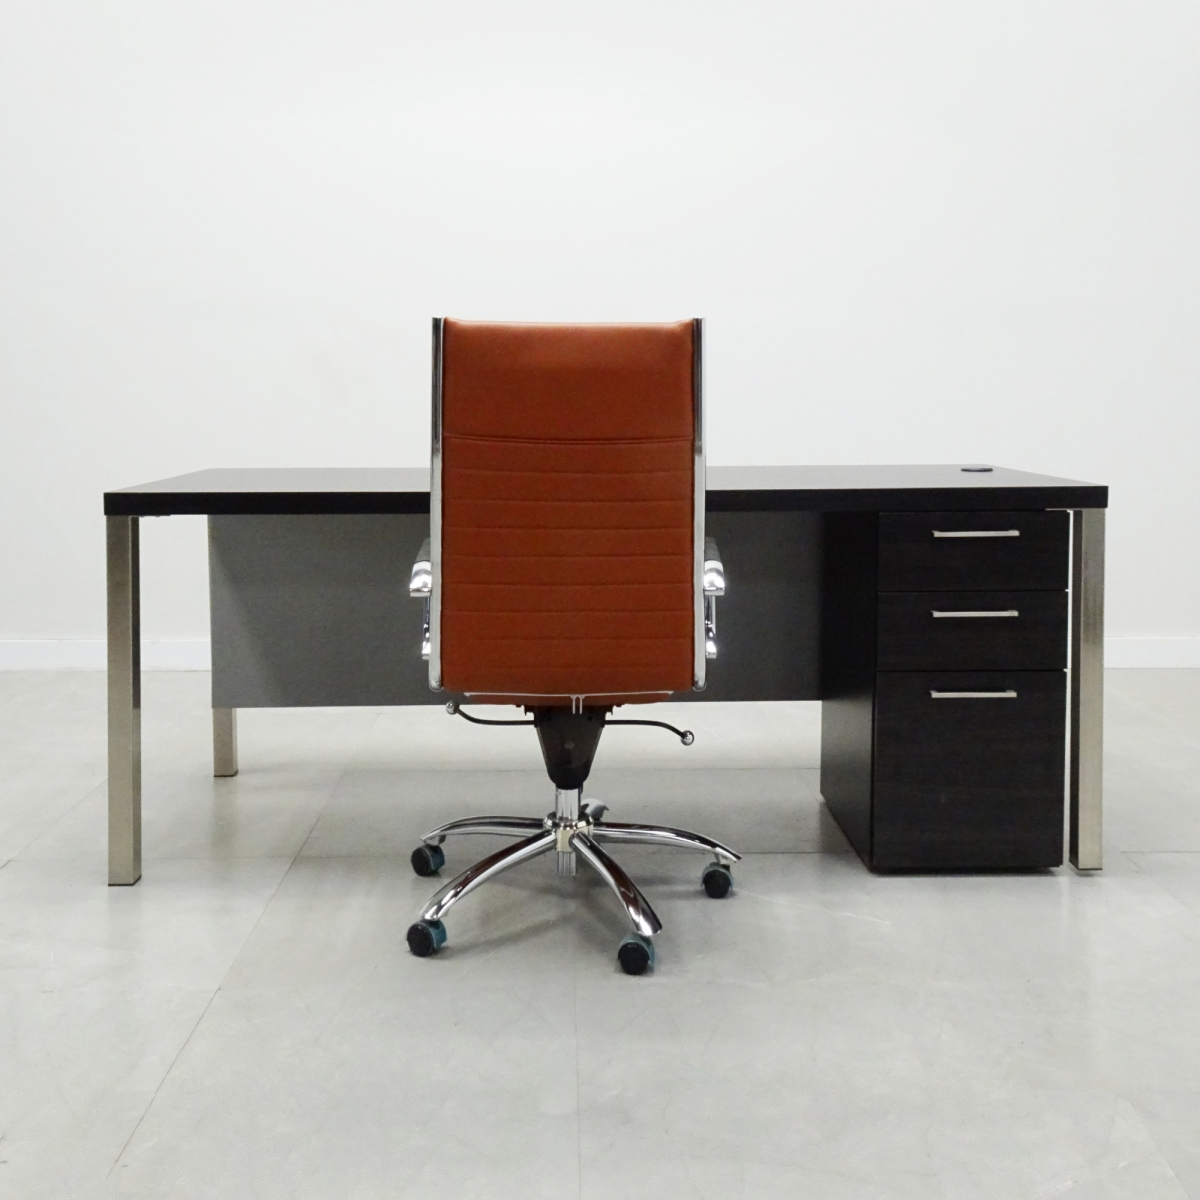 Dallas Laminate Top Office Desk